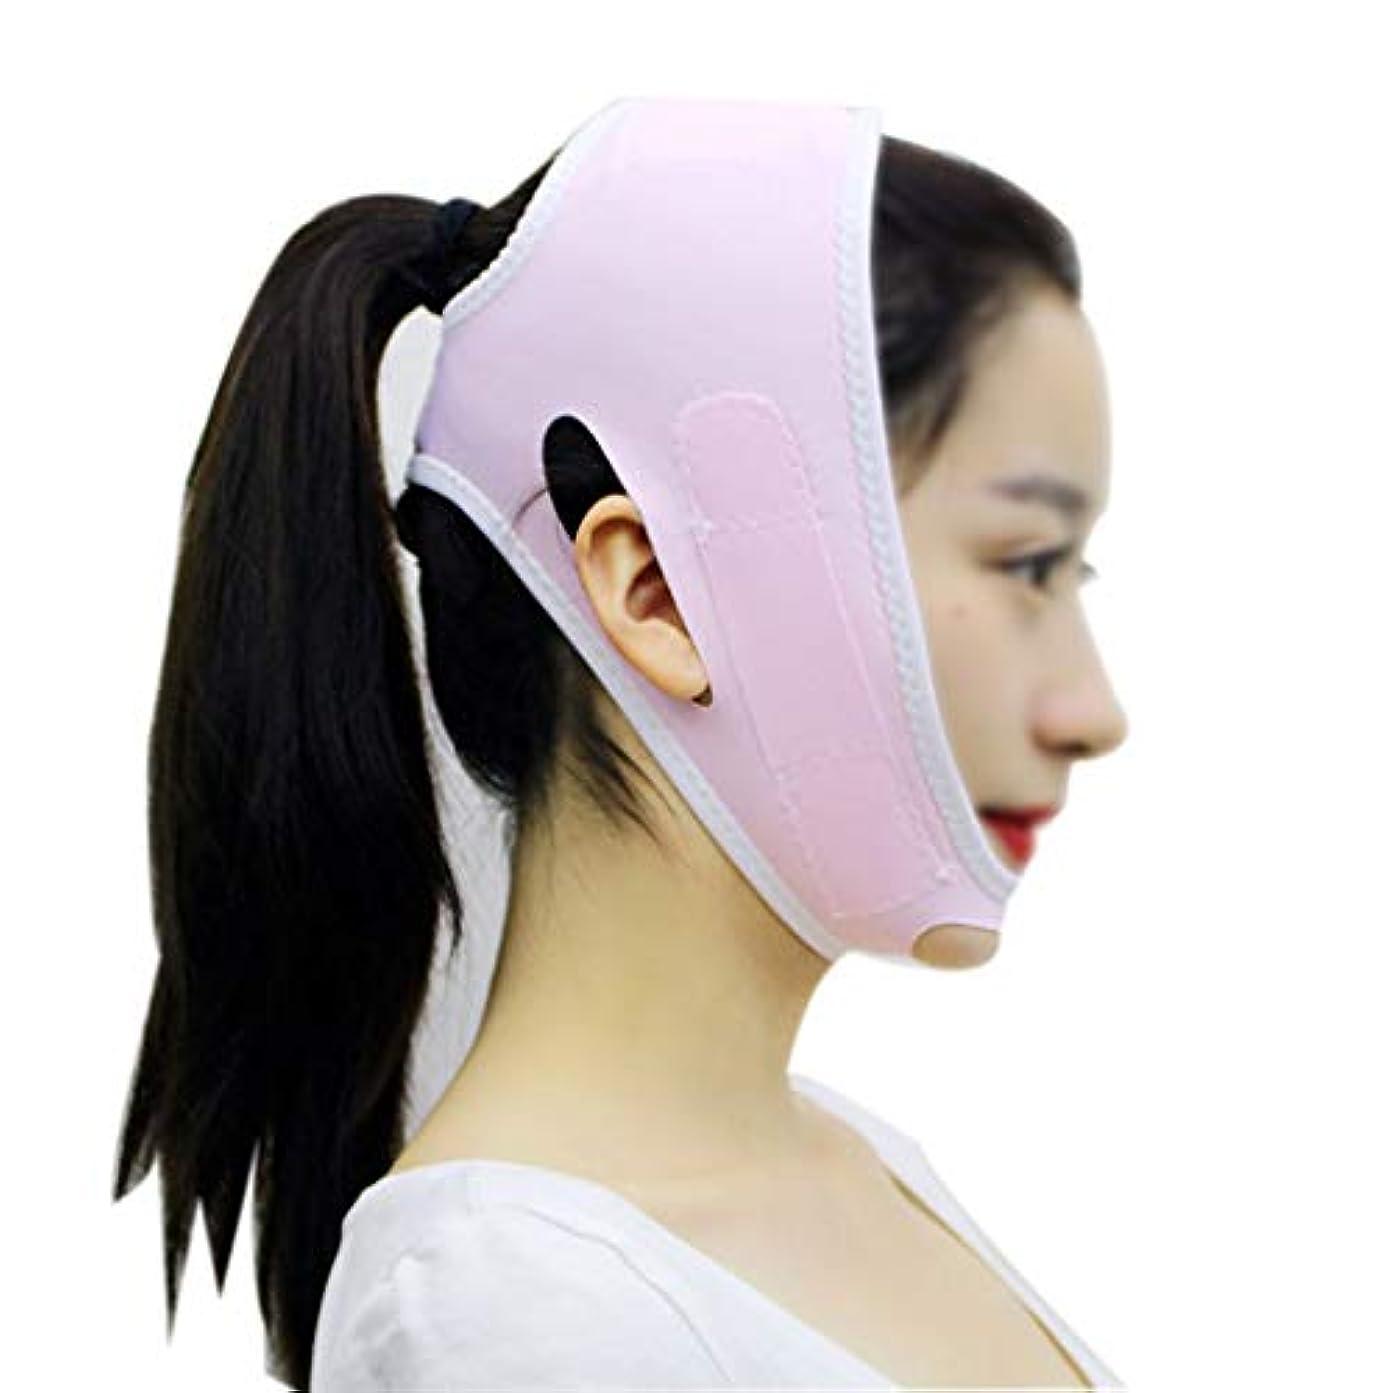 同等の常識分析的なGLJJQMY 引き締め肌の薄い二重あごマスクを強化するためのフェイスリフティング包帯回復マスク 顔用整形マスク (Color : Pink)